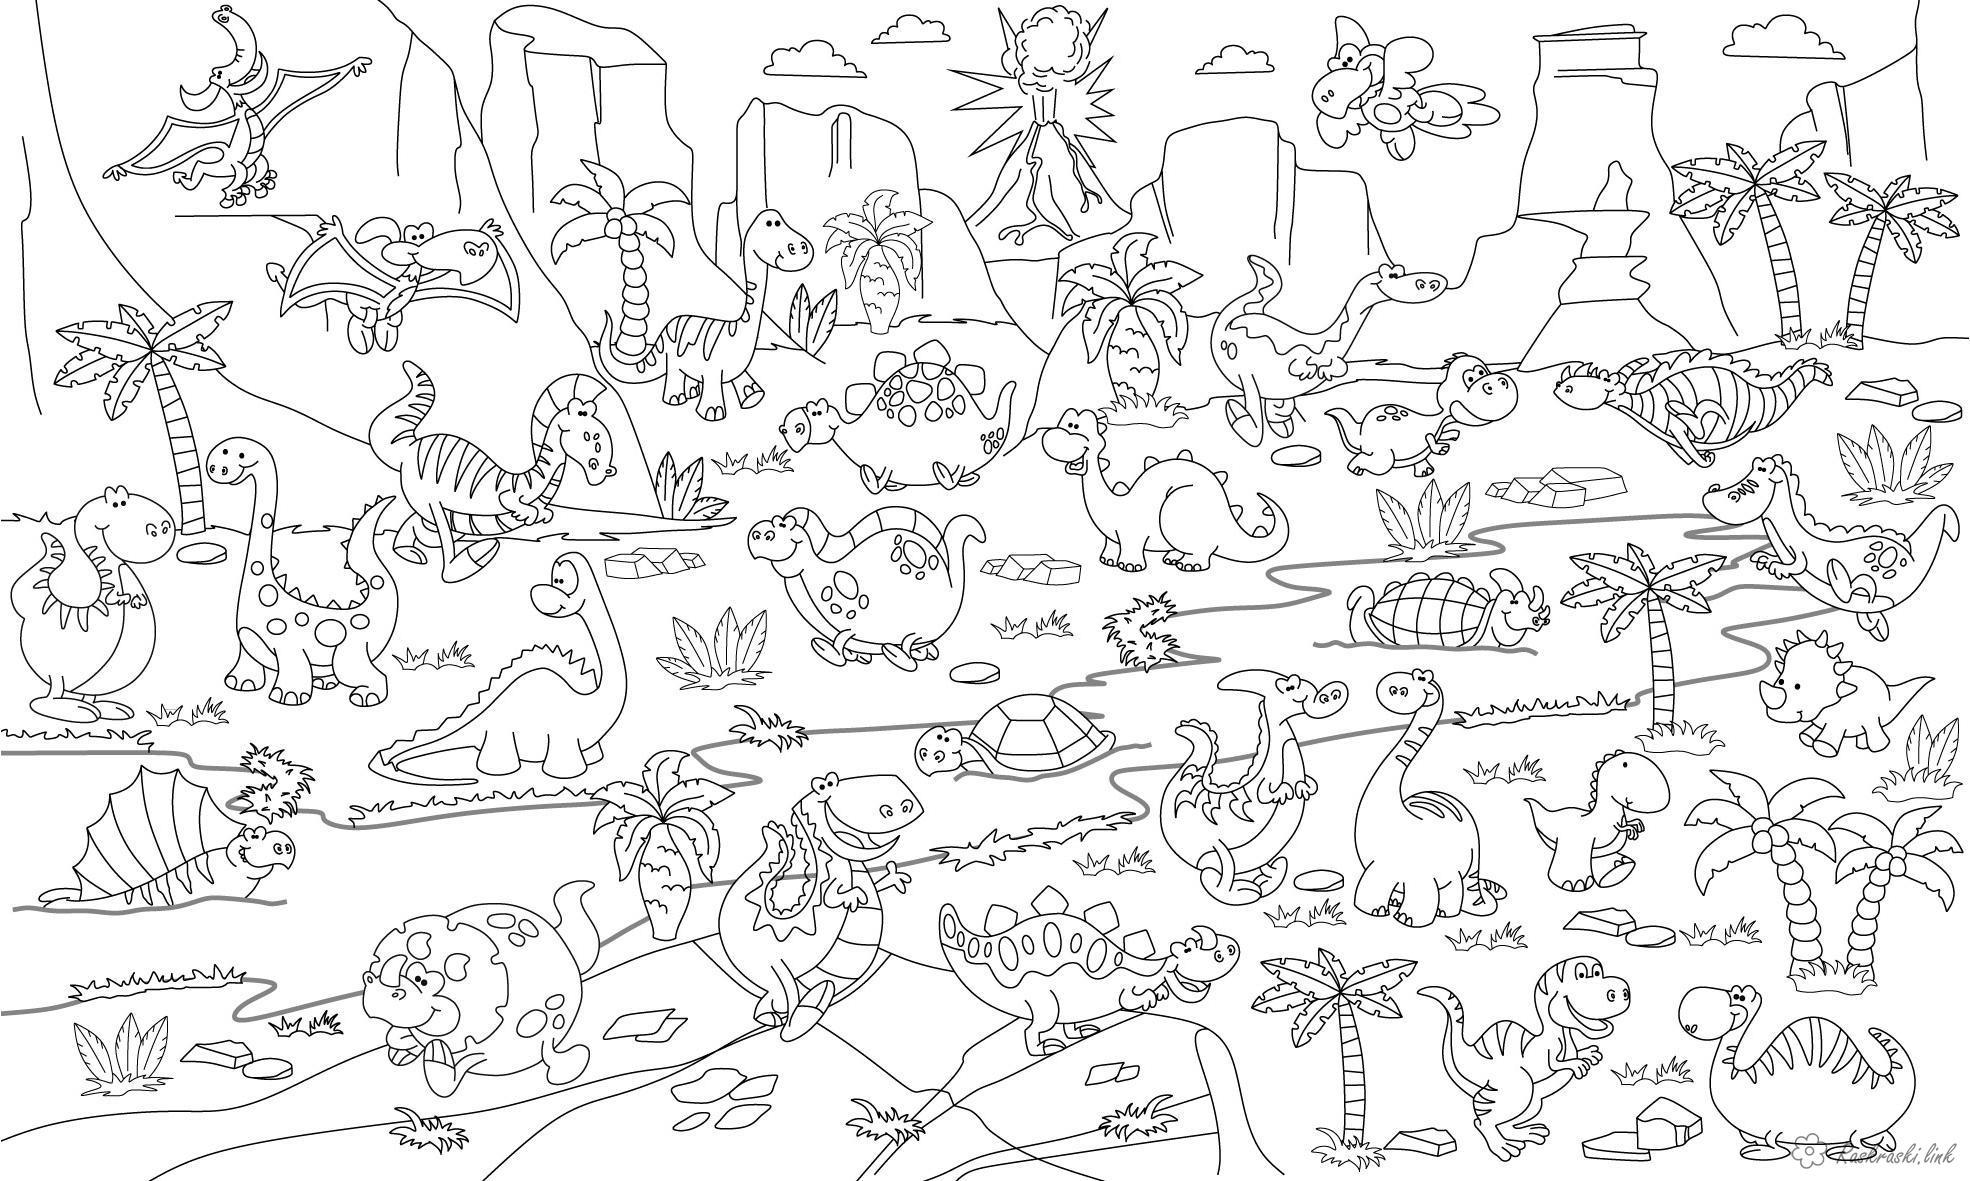 Розмальовки Рептилії Рептилії, ящірка, динозавр, черепаха, річка, гори, вулкан, пальми